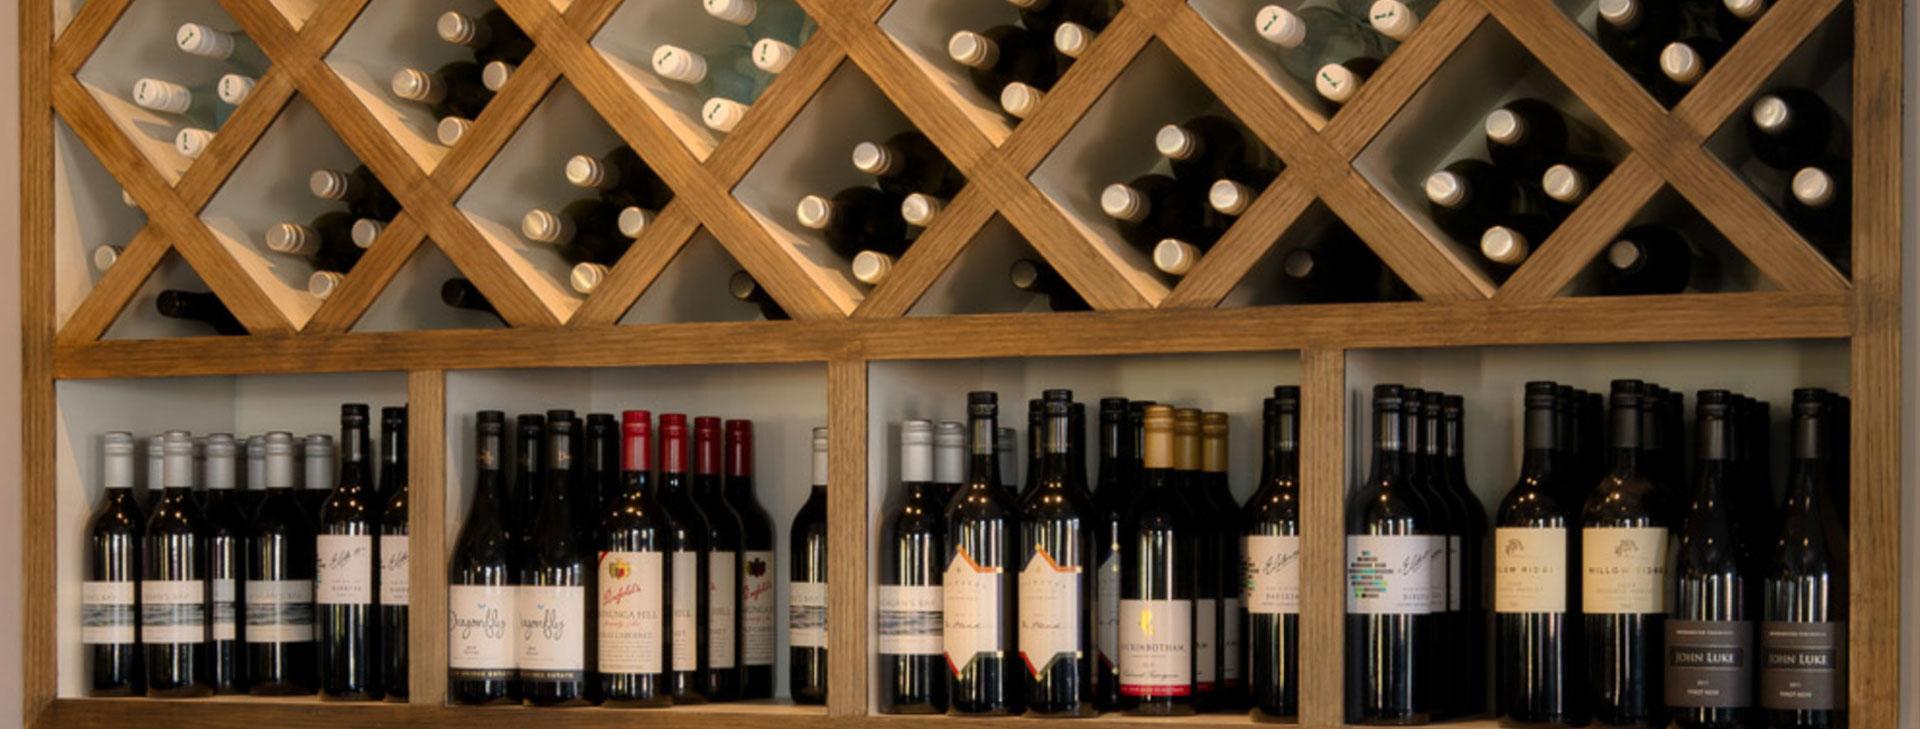 westernport hotel wines